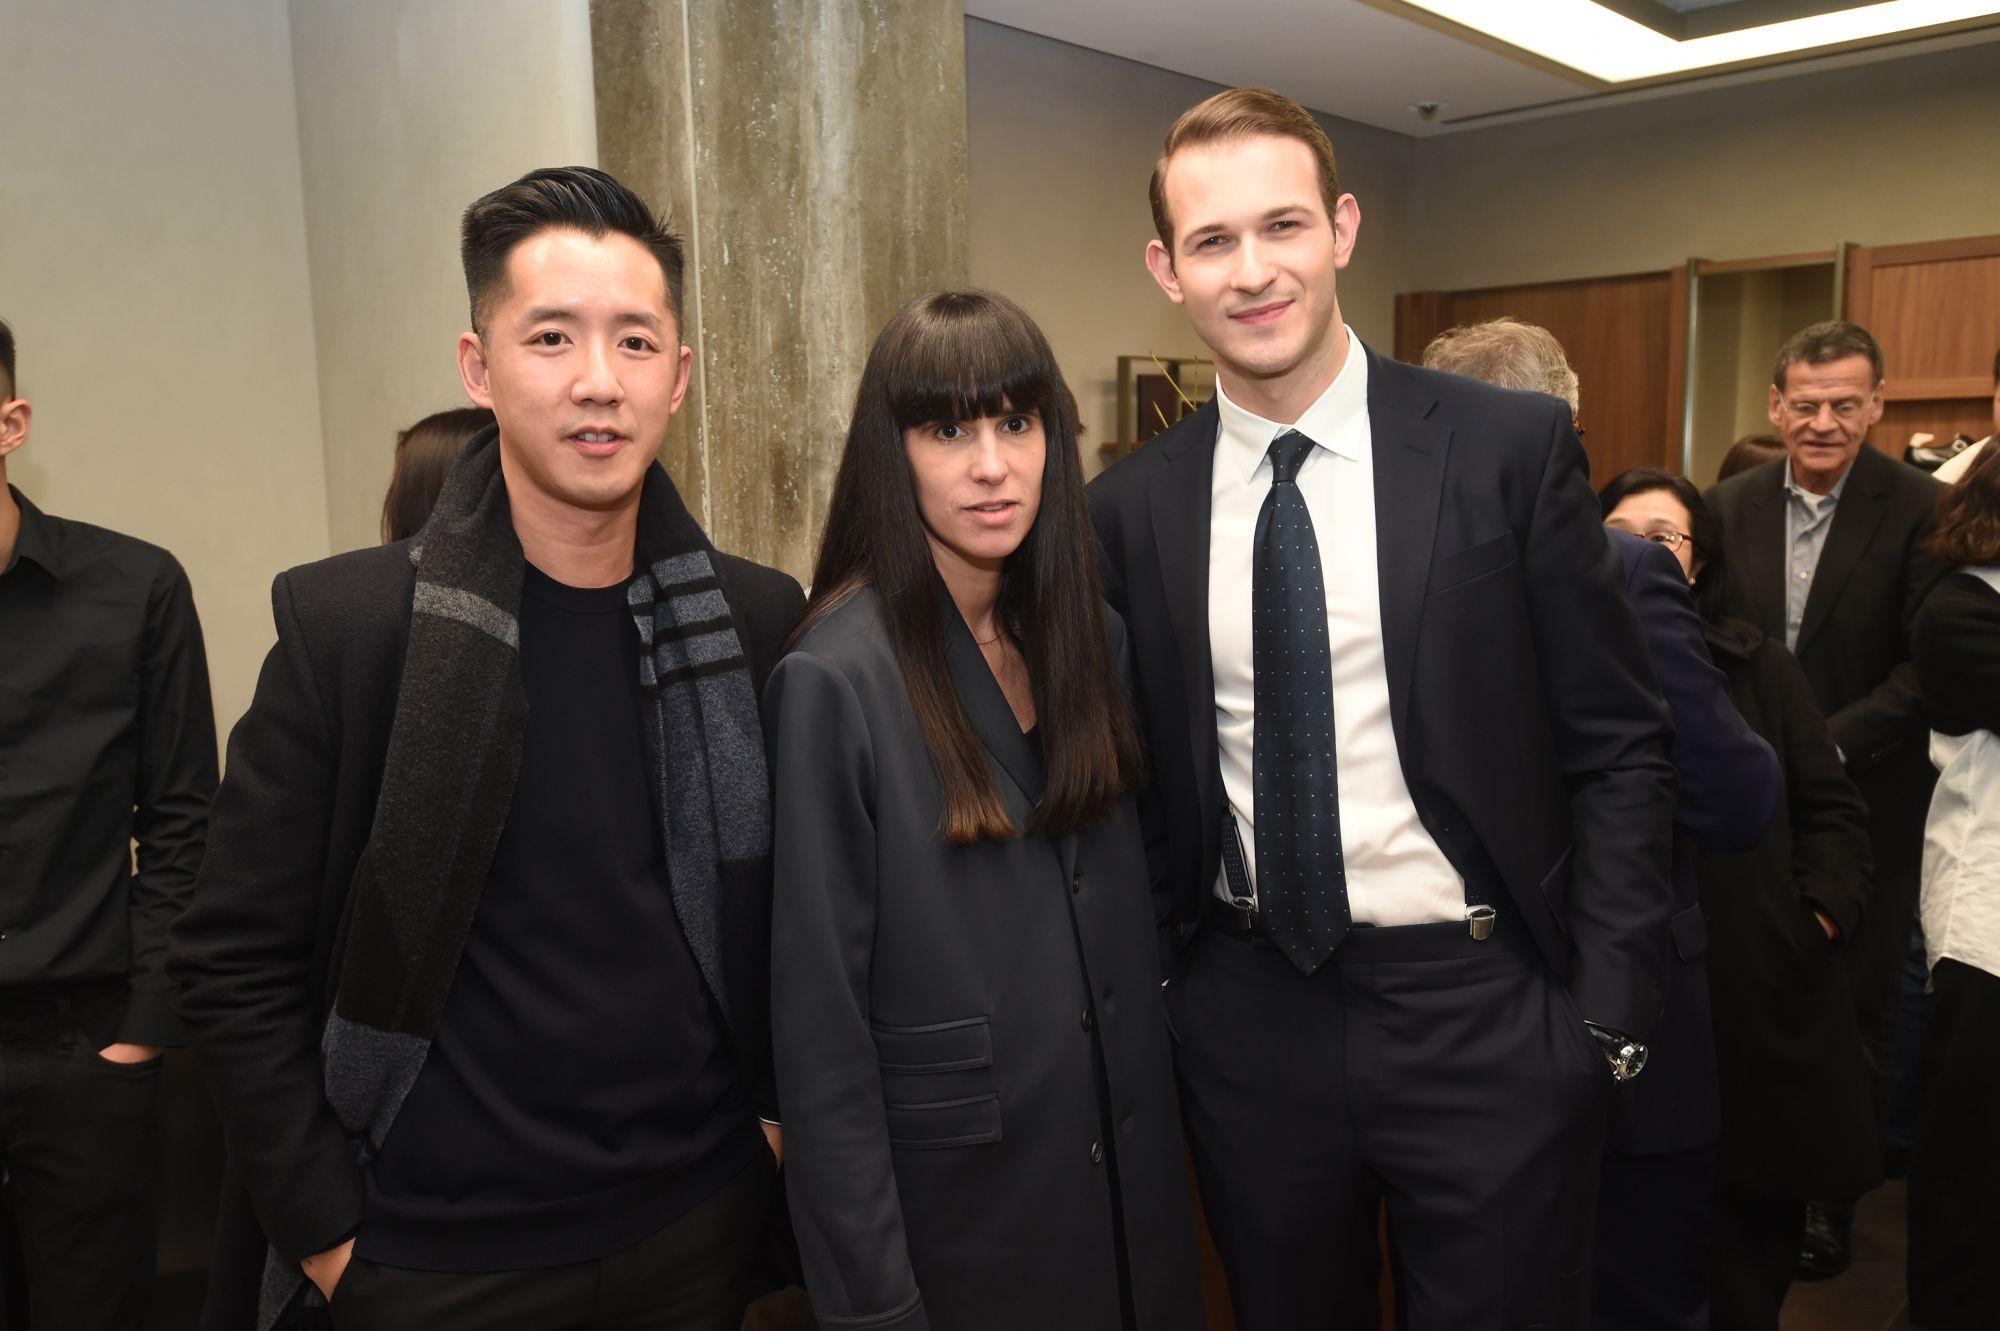 André Fu, Paula Gerbase, Luke Fehon